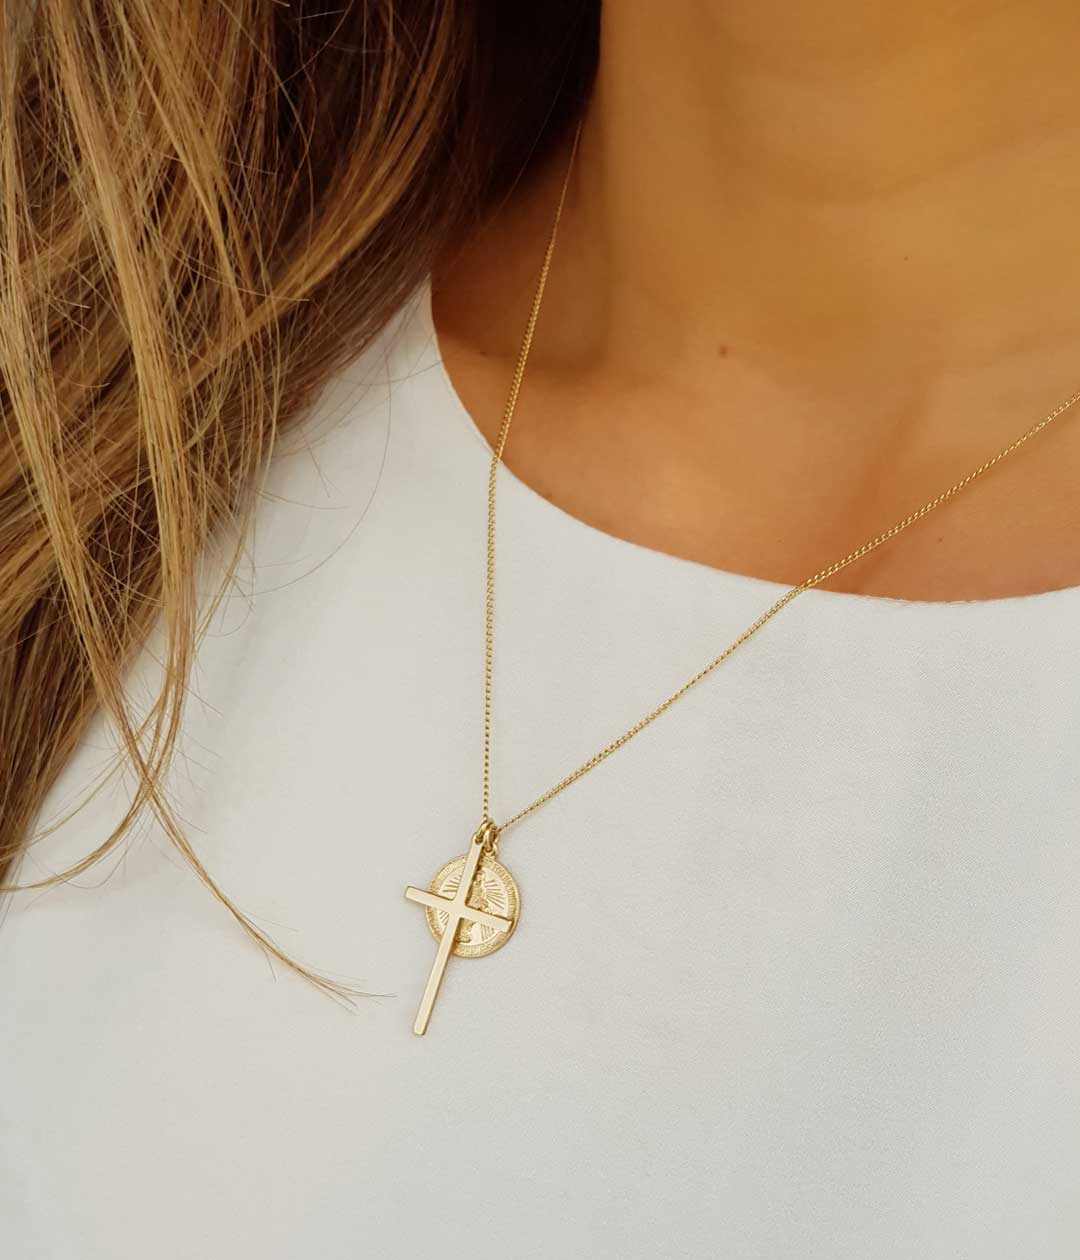 cross-vm-necklace-model